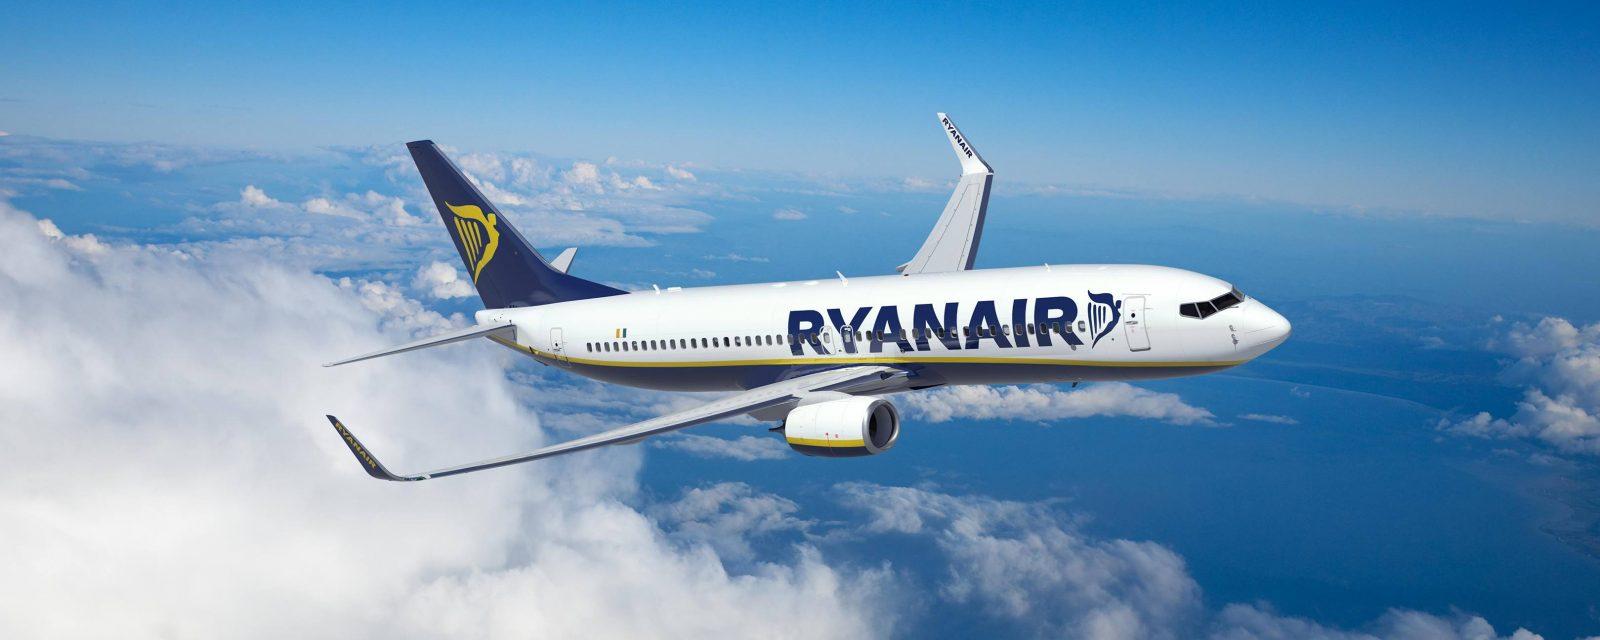 Come chiedere il rimborso di un volo Ryanair